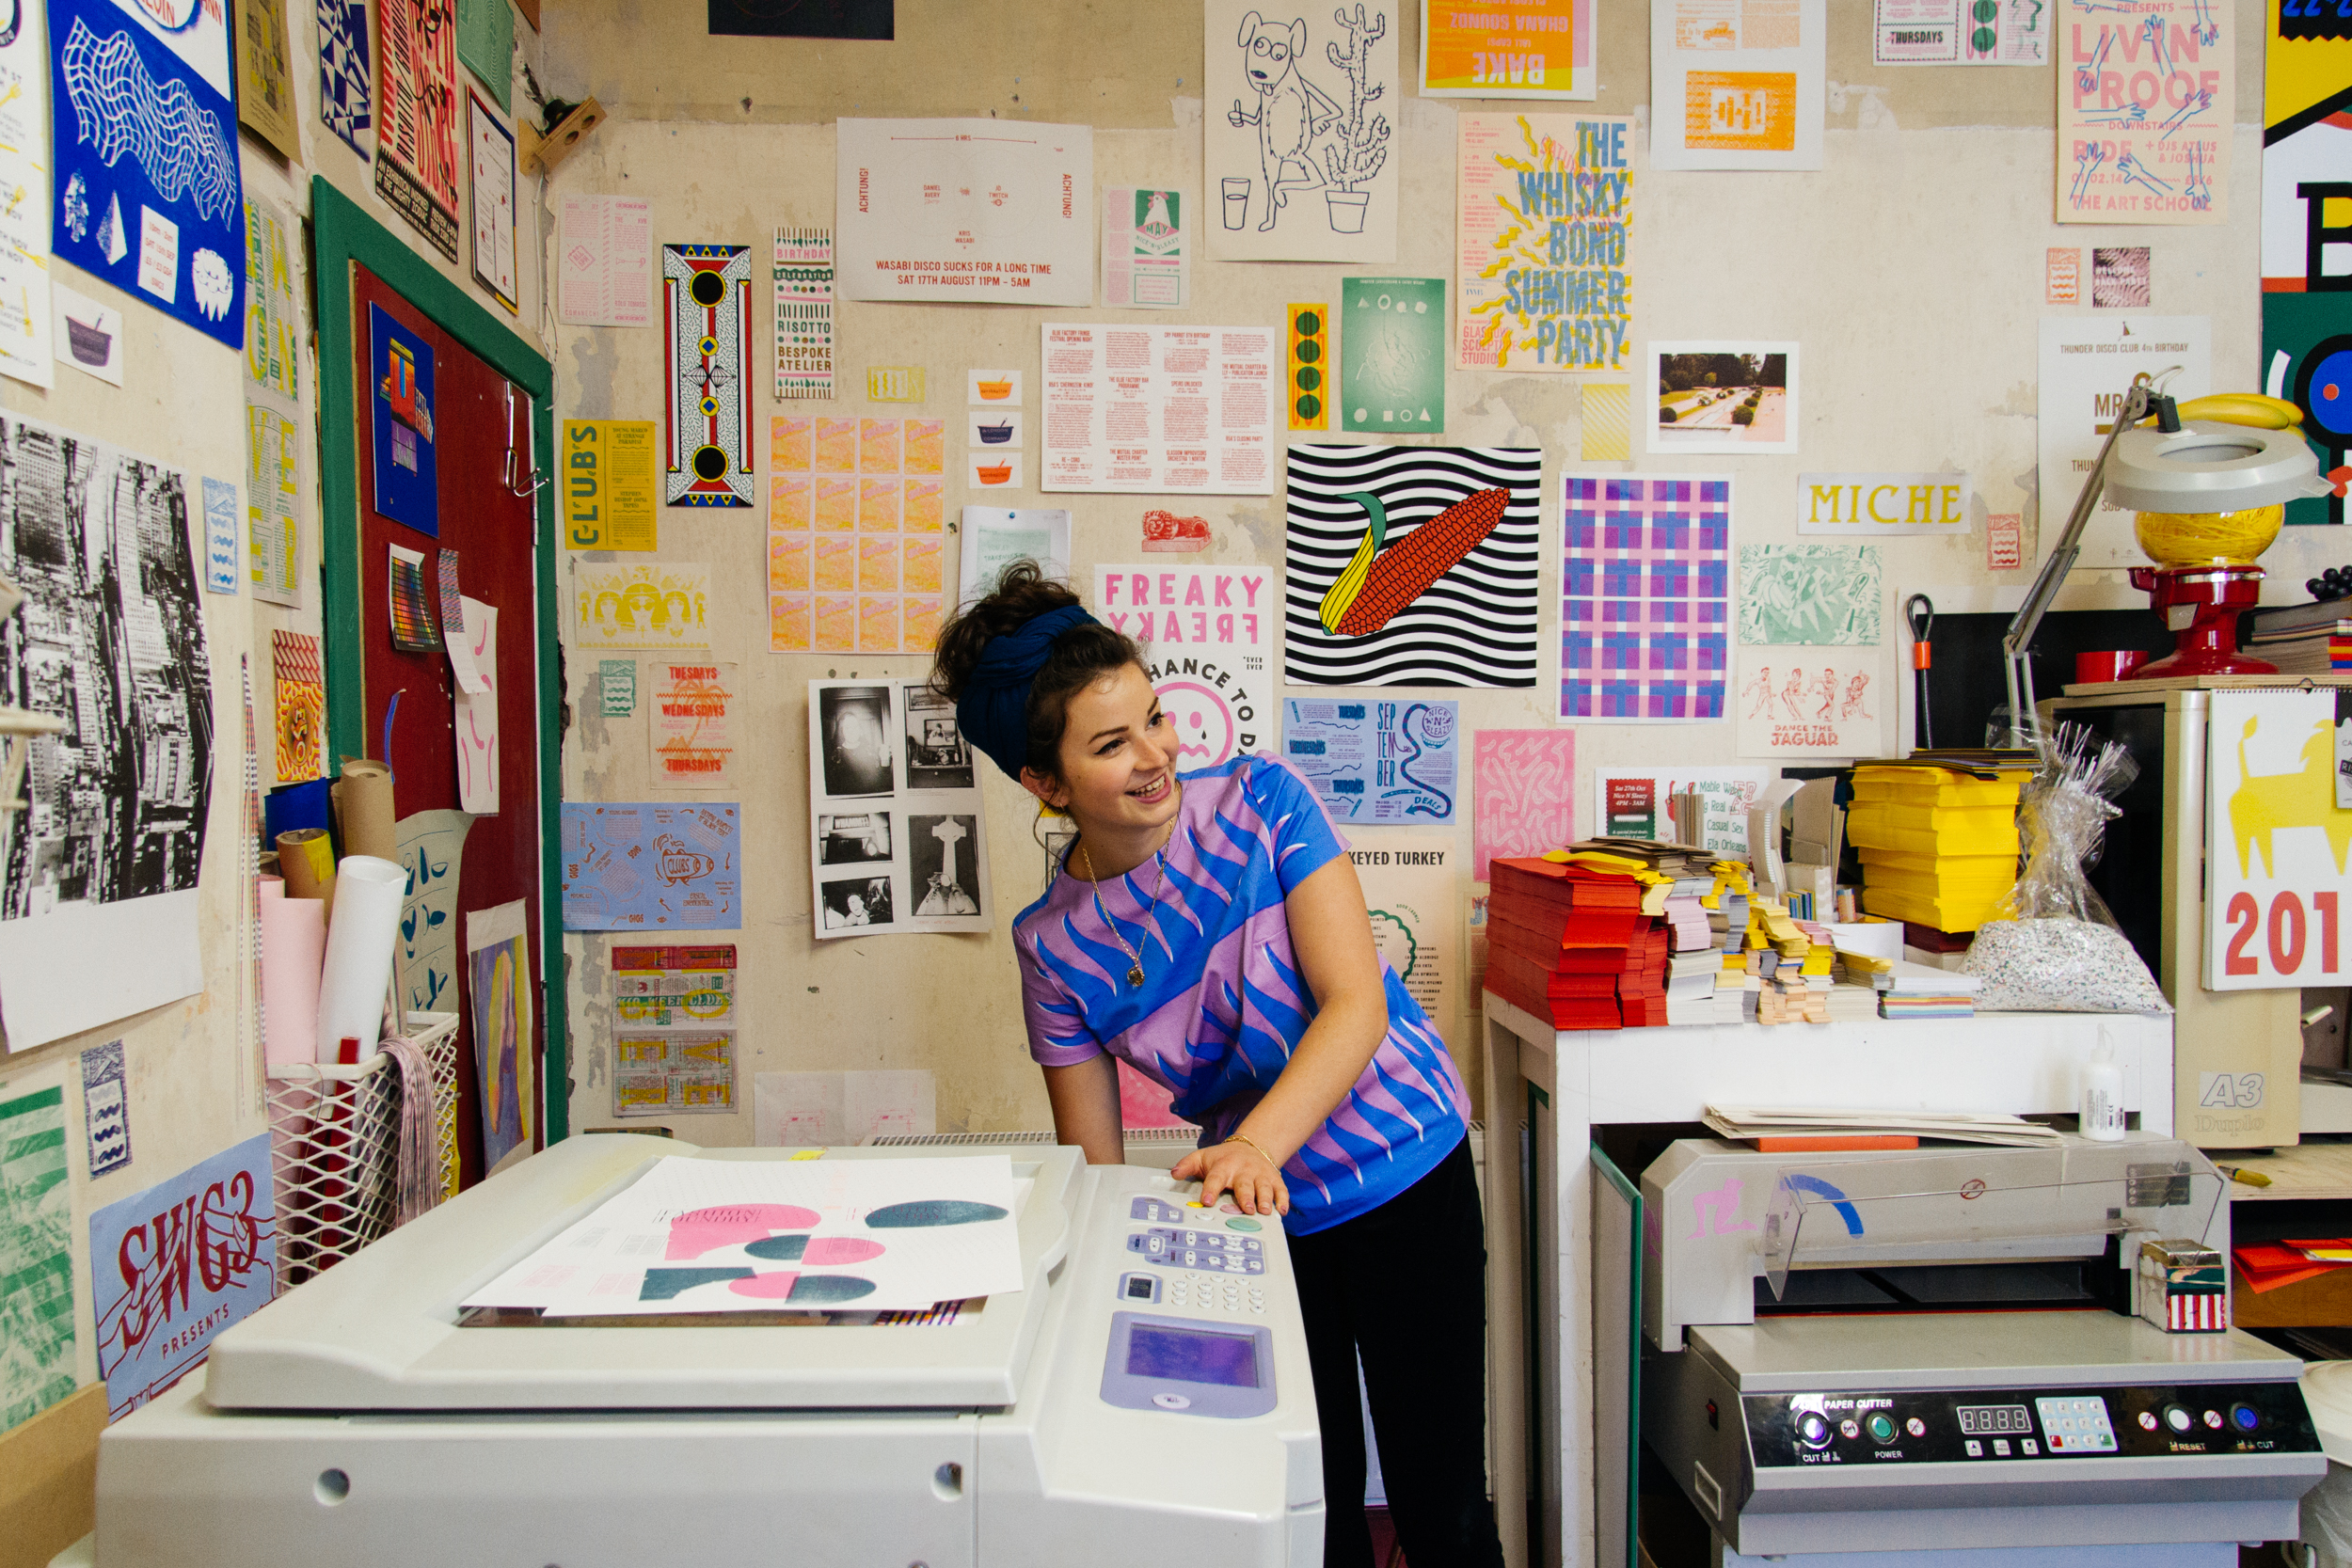 Gabriella Marcella in the studio | Photo: Future Positive Studio